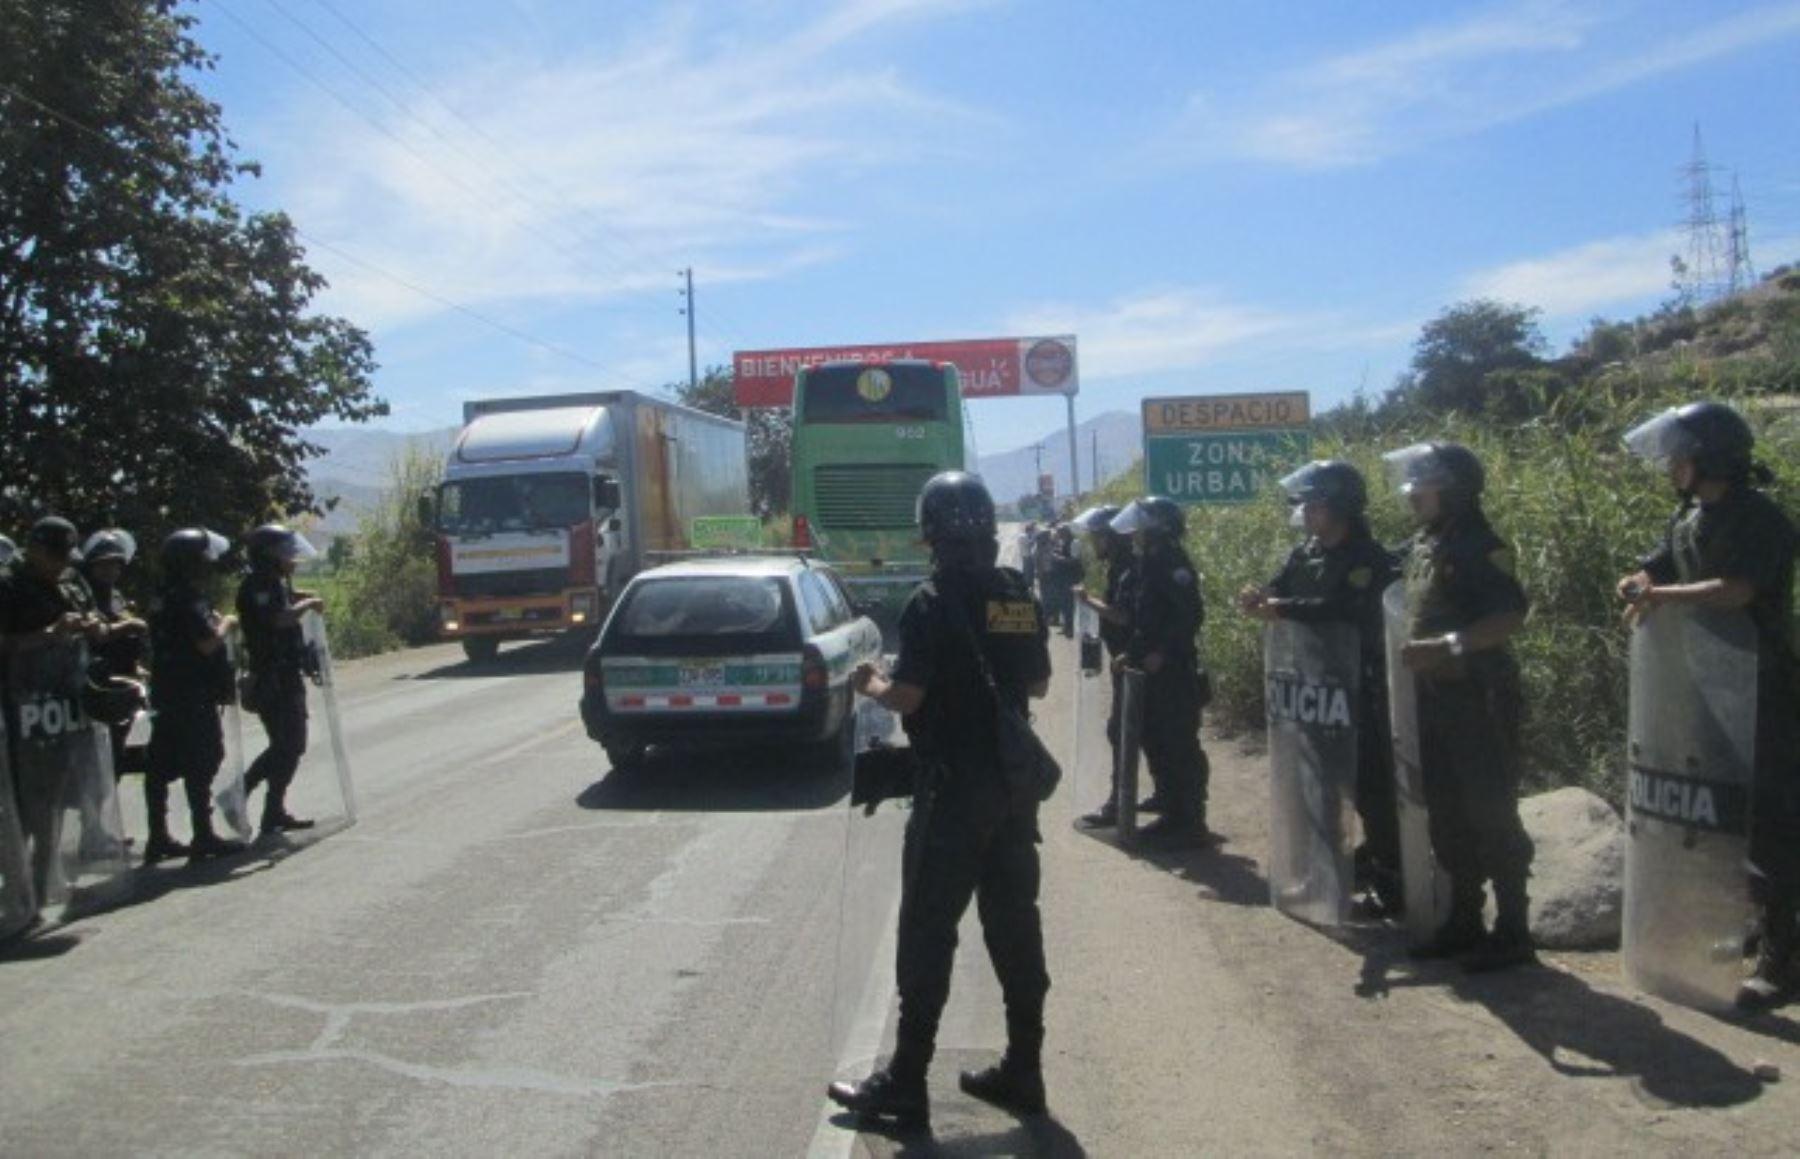 Policía inicia operativo para desbloquear el corredor minero en Chumbivilcas. Foto: ANDINA/archivo.